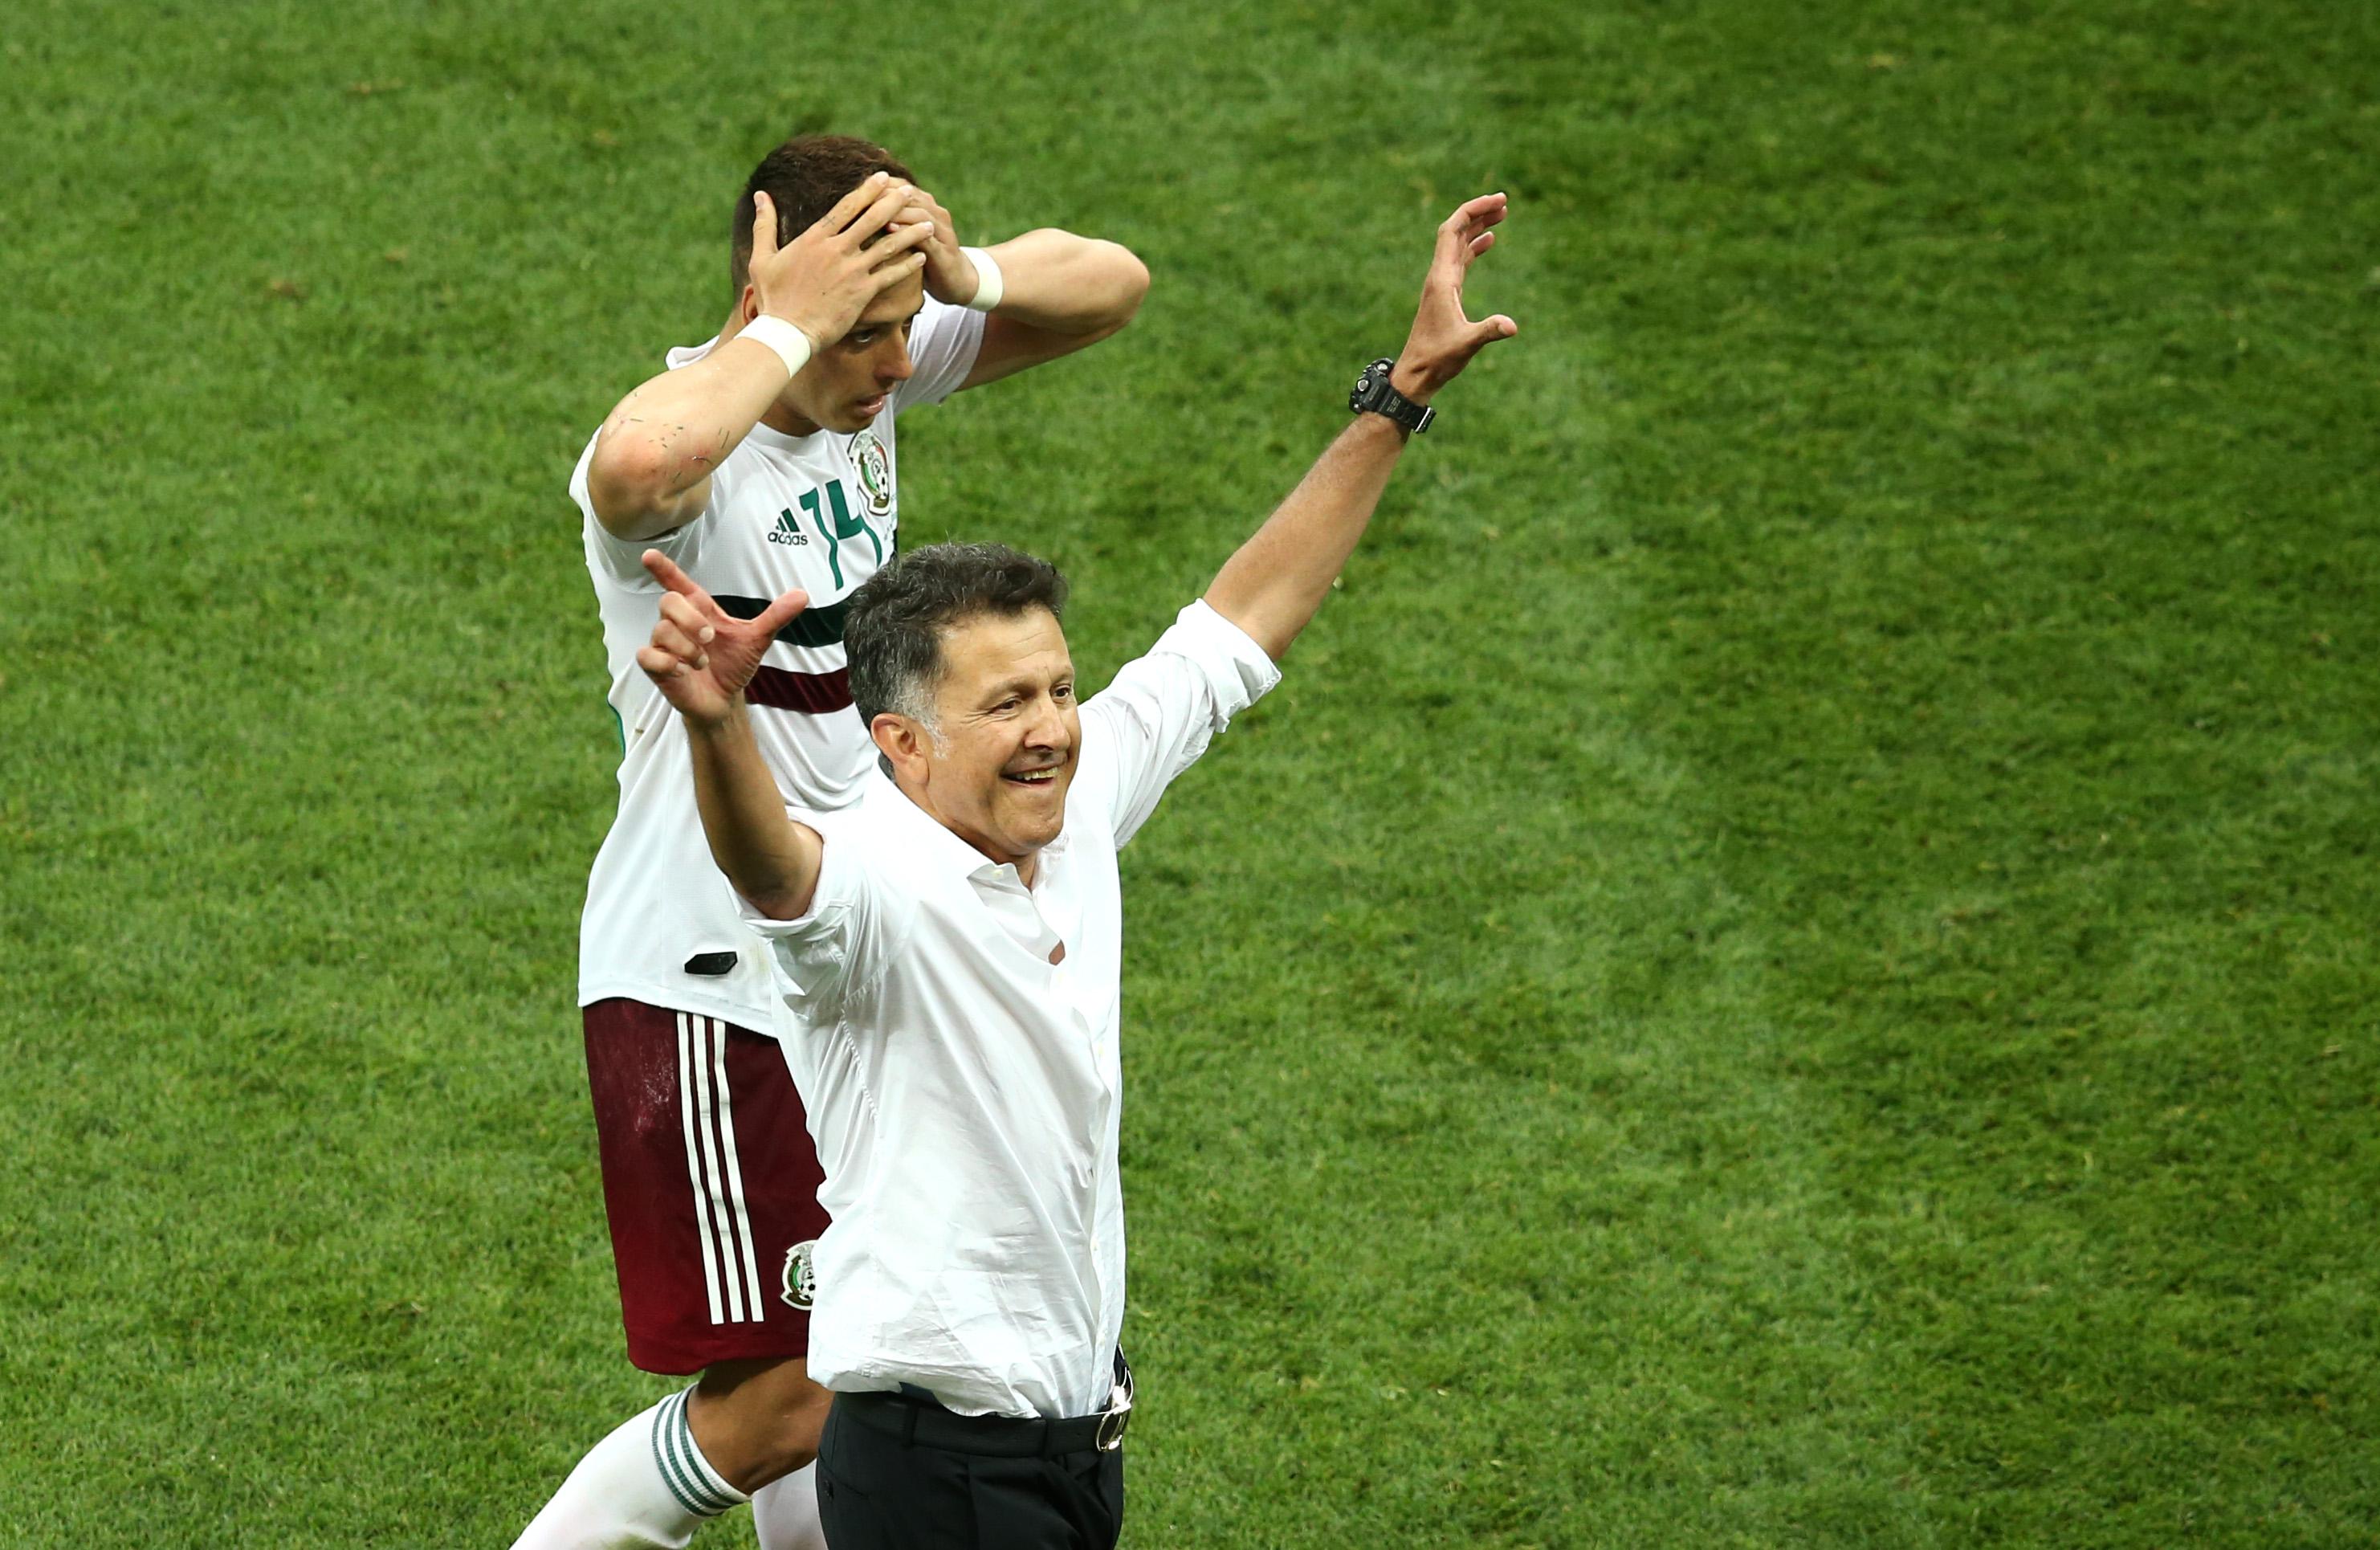 Juan Carlos Osorio Propuesta Selección Mexicana Técnico Proyecto